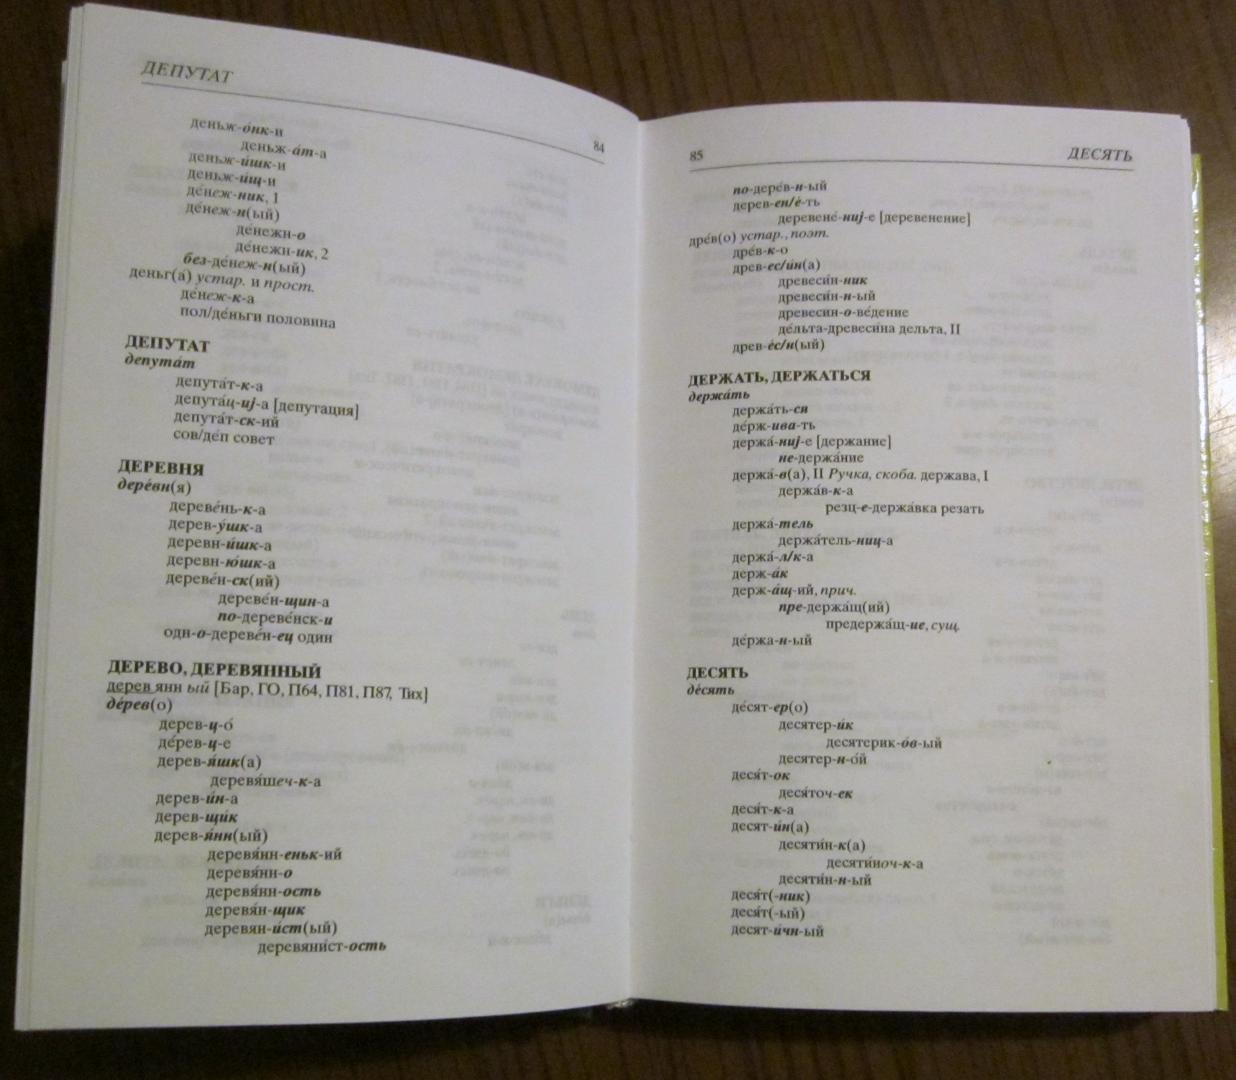 Иллюстрация 8 из 9 для Школьный словообразовательный словарь русского языка | Лабиринт - книги. Источник: Такуша